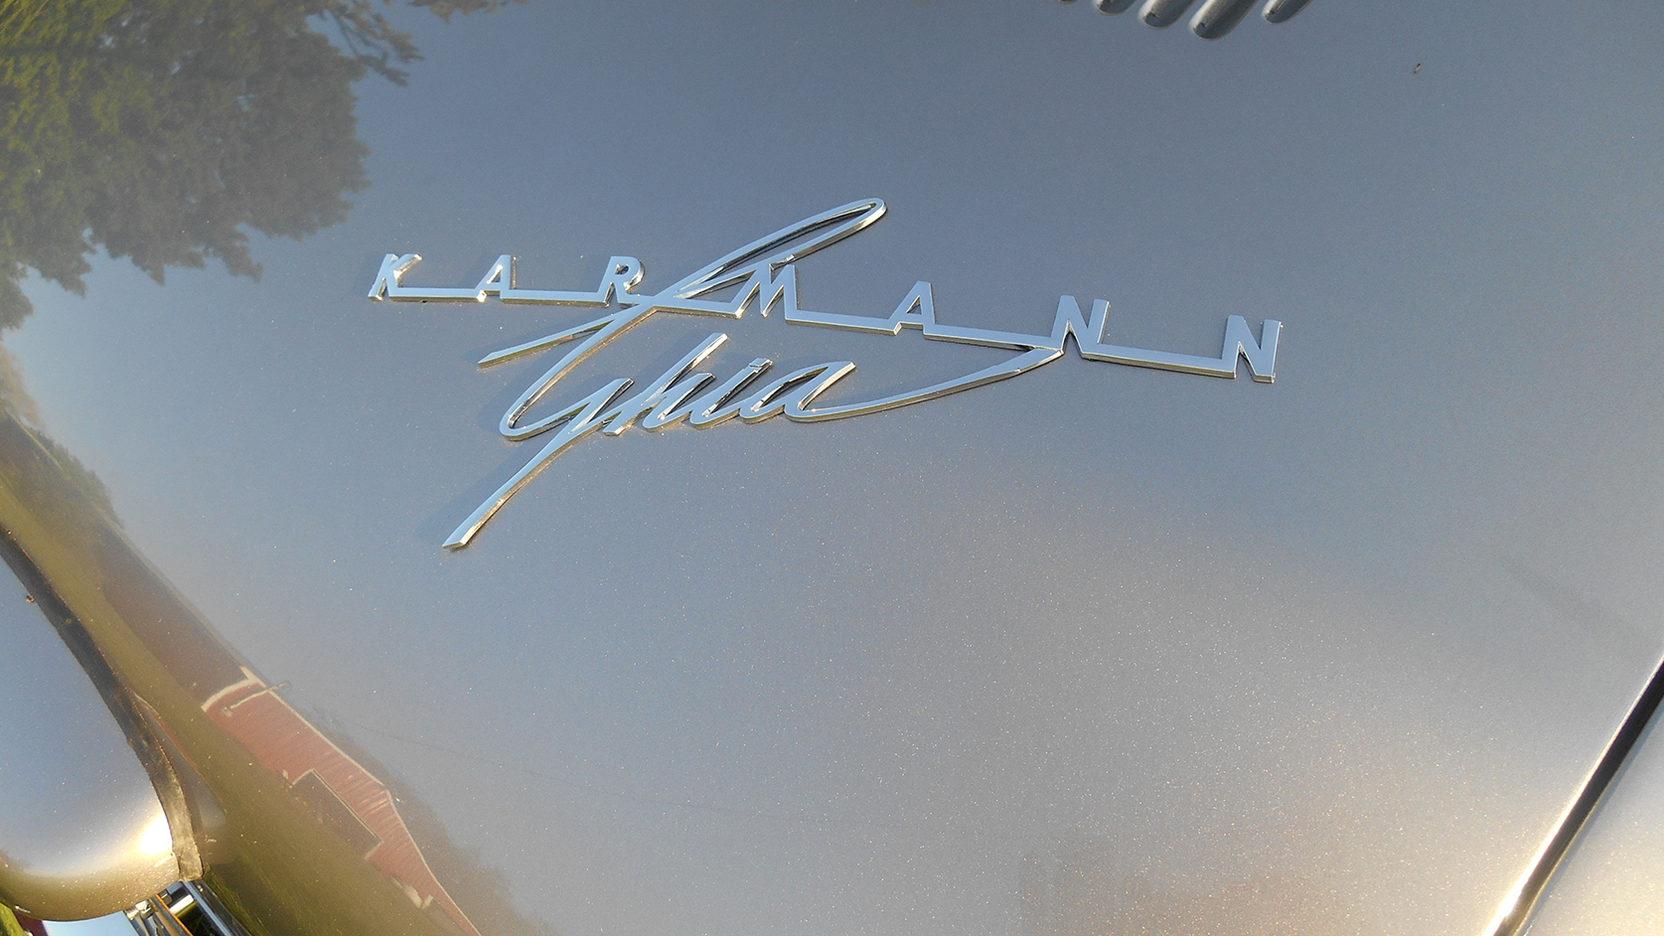 1958 Karmann Ghia badge